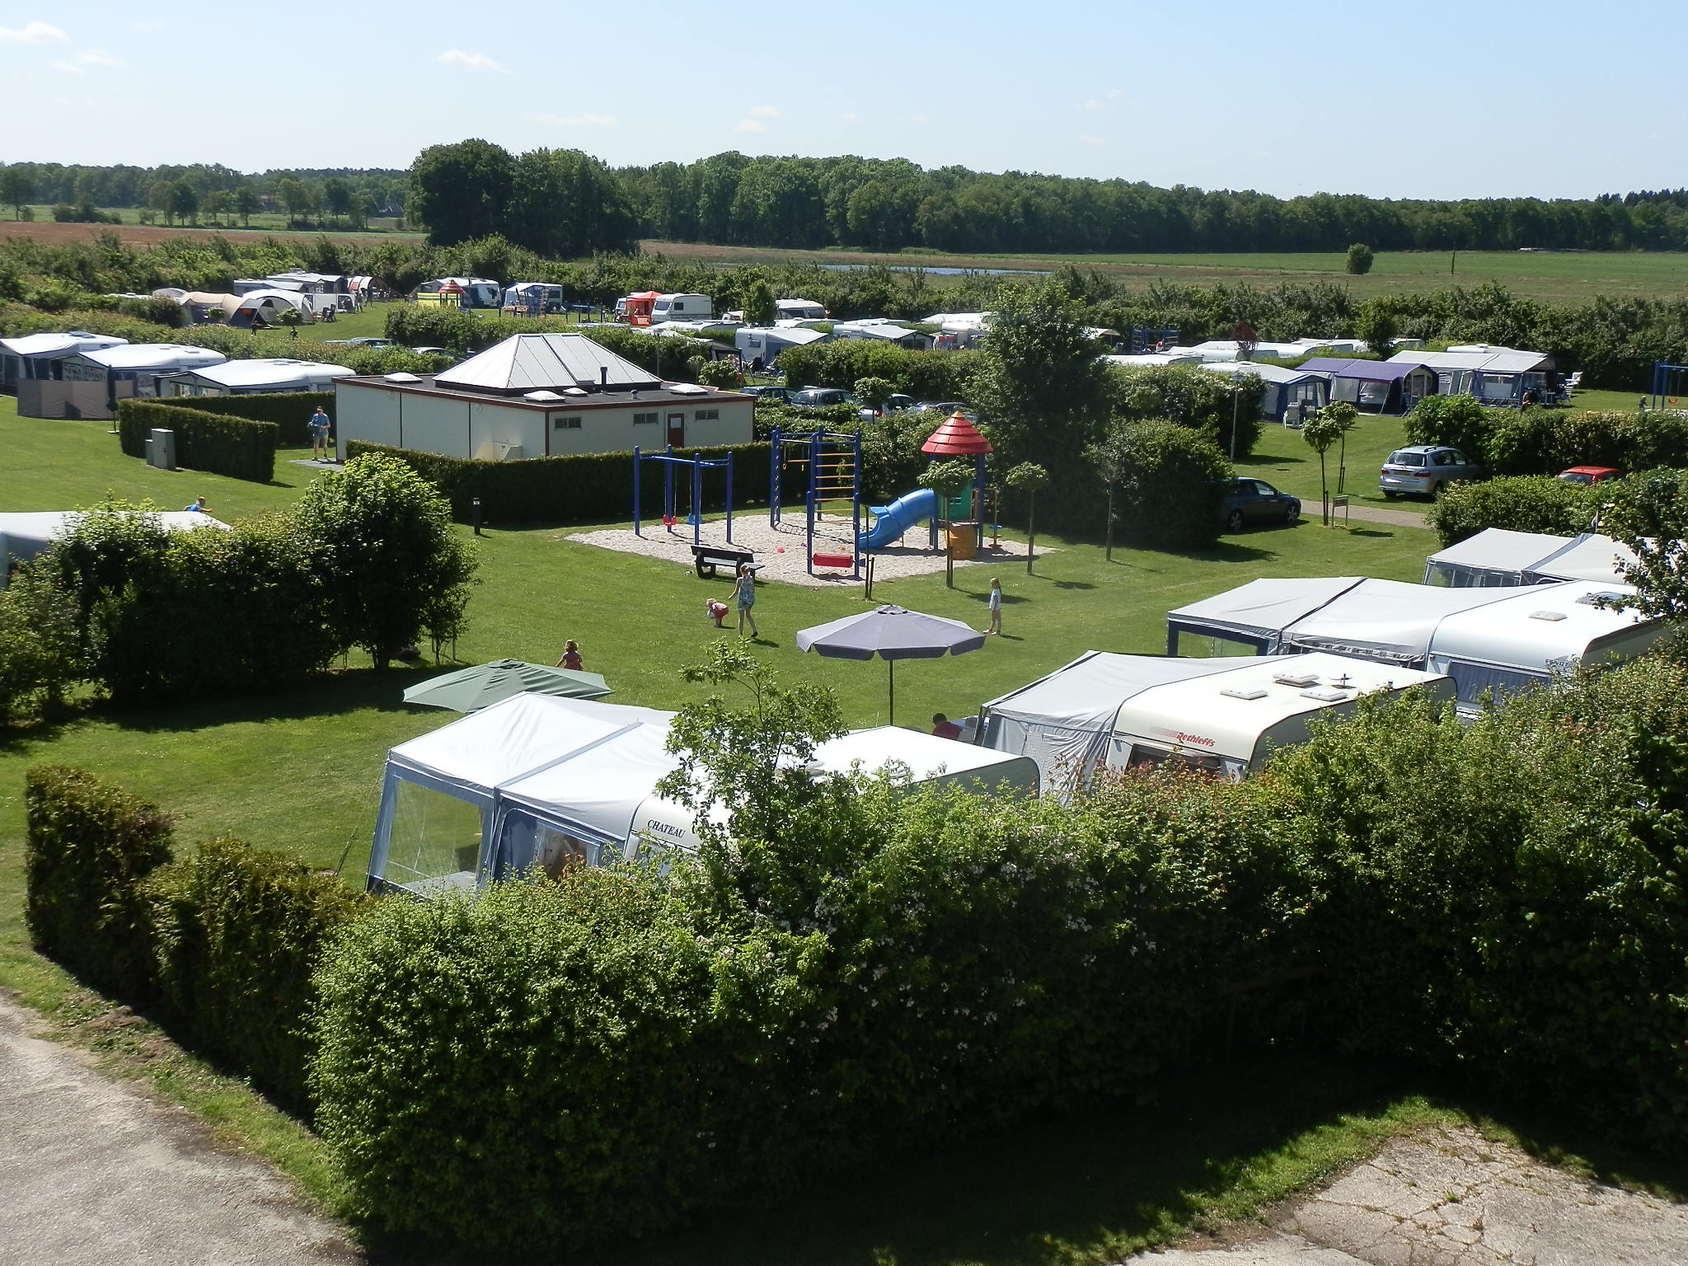 Camping De Ikeleane